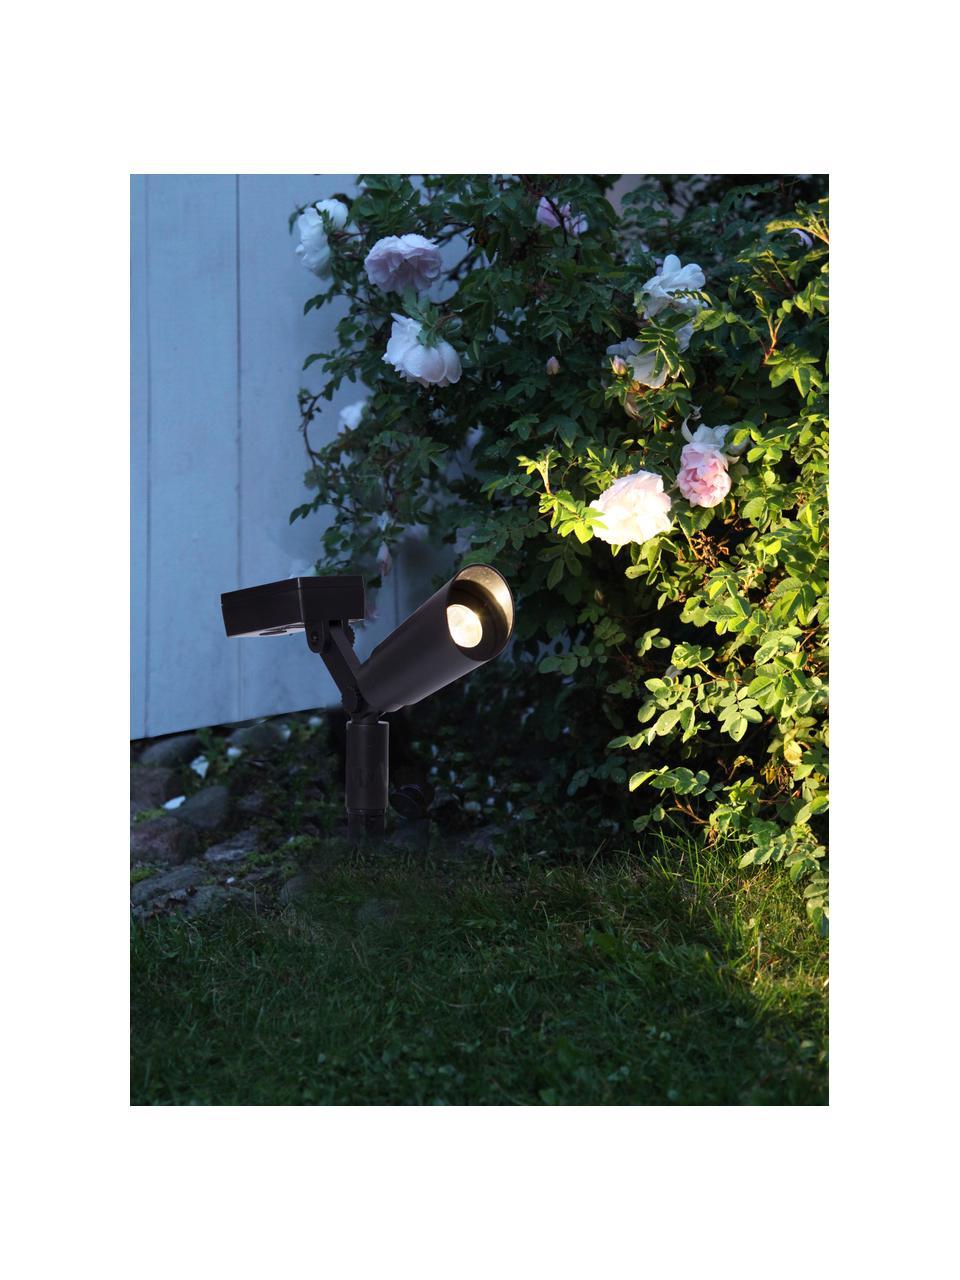 Lampa solarna podłogowa Powerspot, 2 szt., Czarny, S 20 x W 15 cm